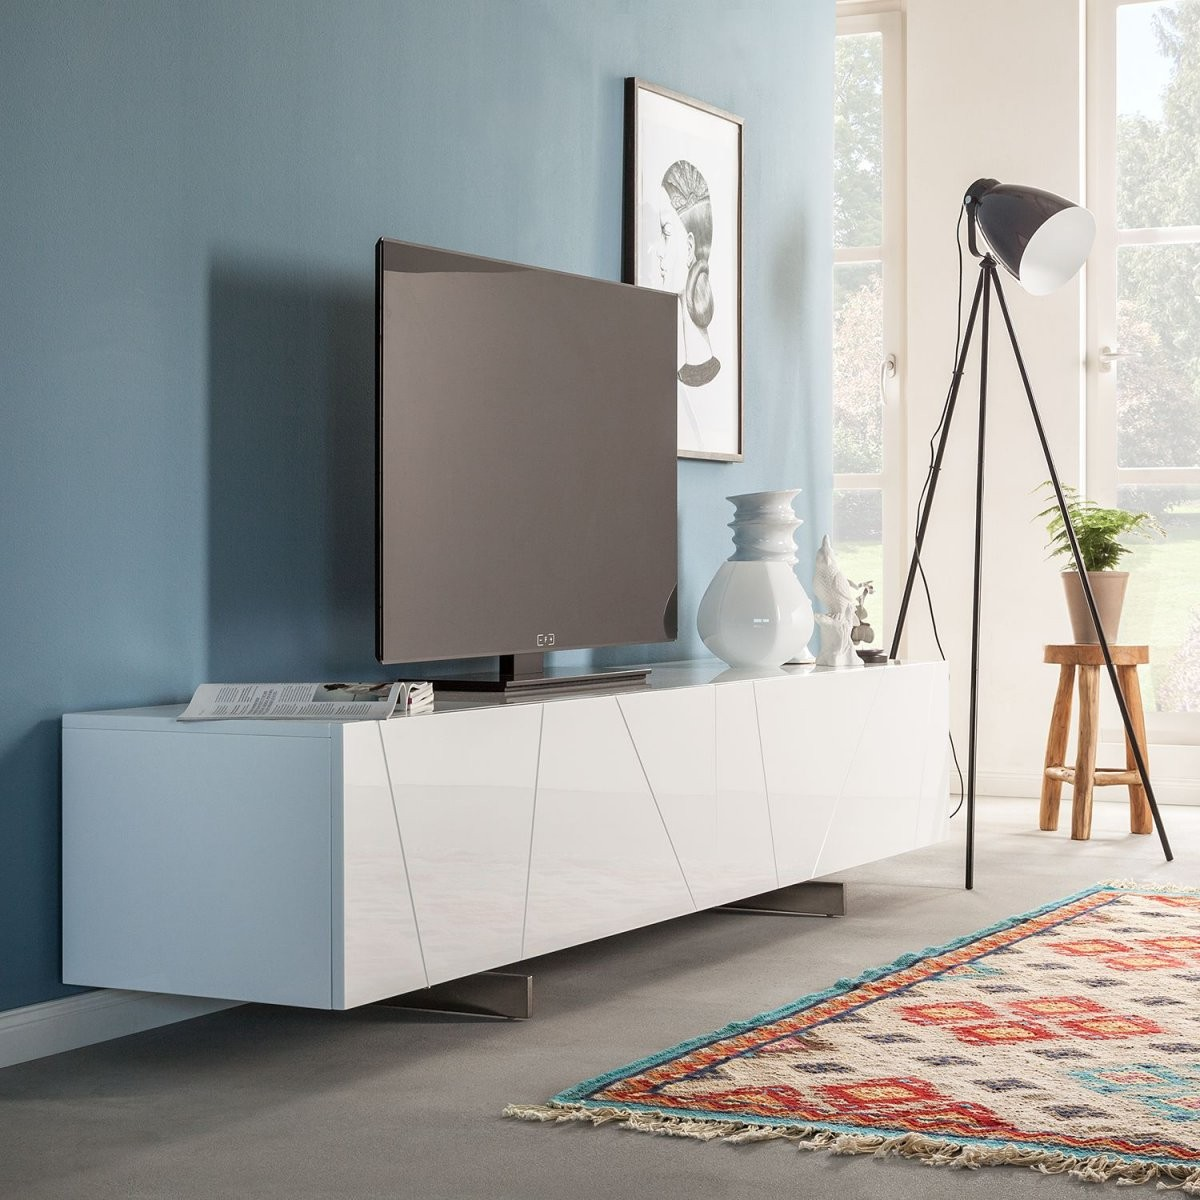 Lowboard Von Roomscape Bei Home24 Kaufen  Home24 von Tv Lowboard Weiß Hochglanz Hängend Photo